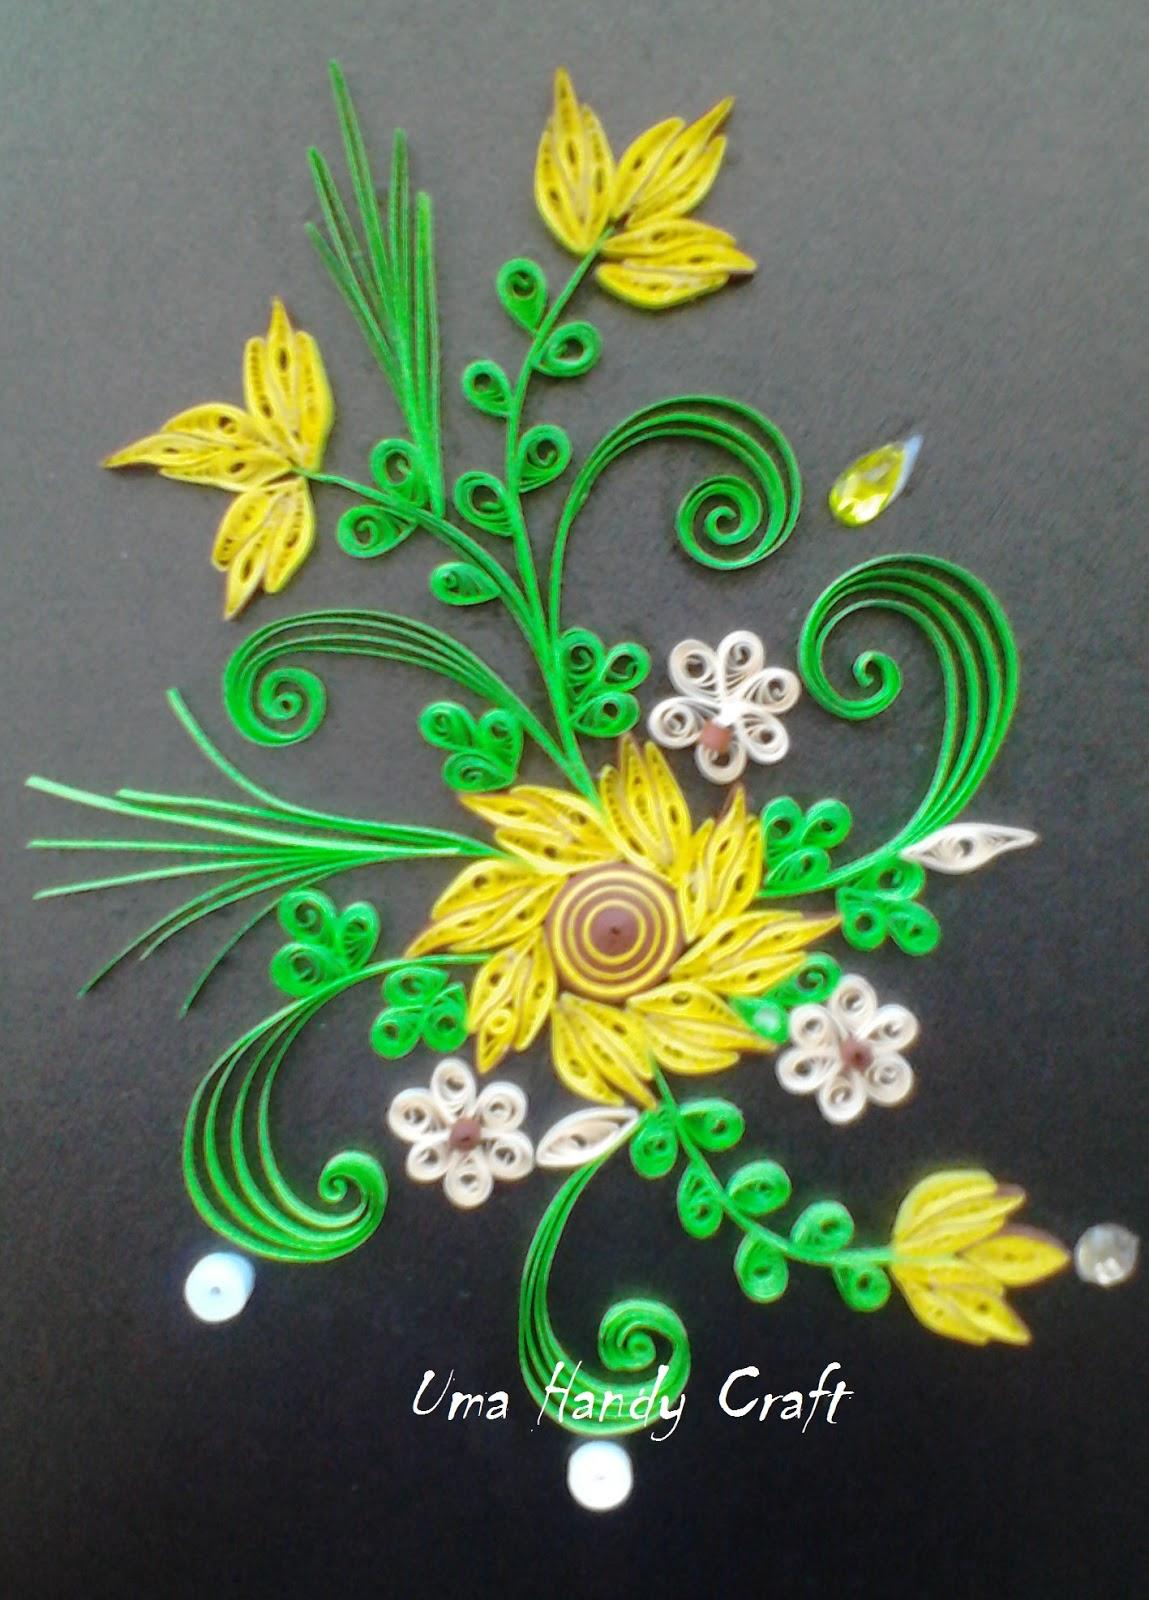 Maa craft Art (Designing Frames)